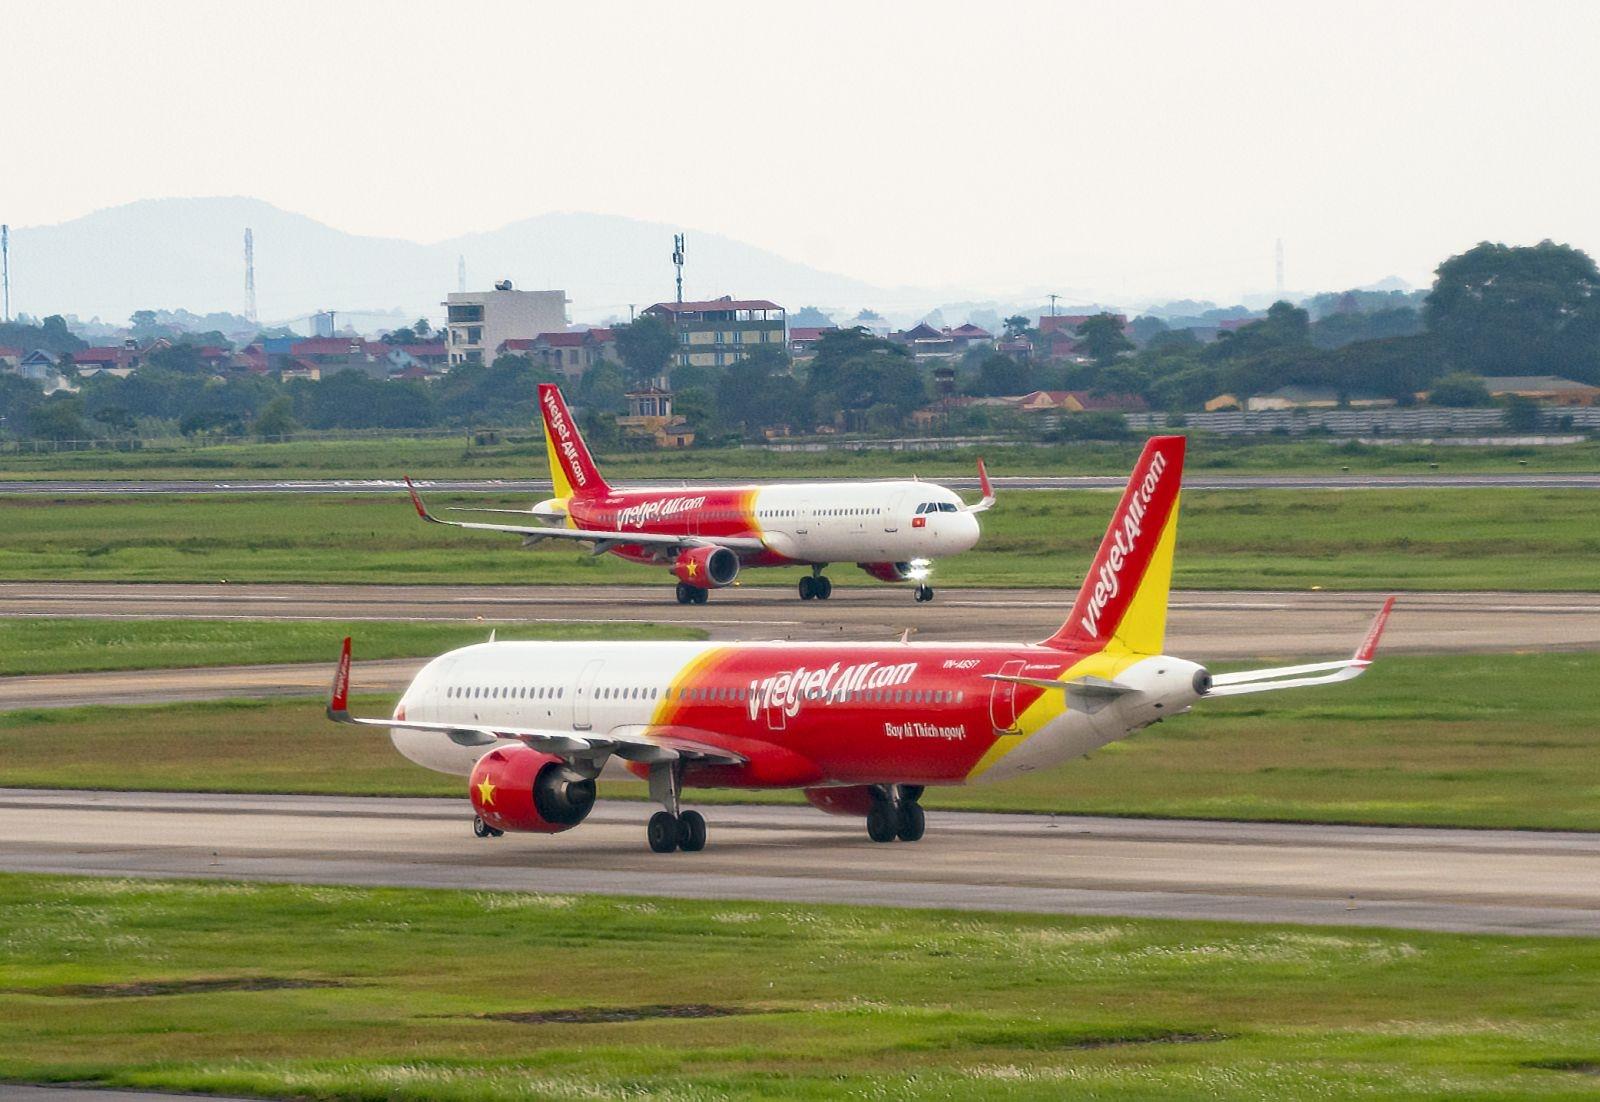 Vietnam Airlines chưa có tiền hỗ trợ 12.000 tỷ, Vietjet và Bamboo Airways sắp cạn nguồn lực tài chính - Ảnh 2.